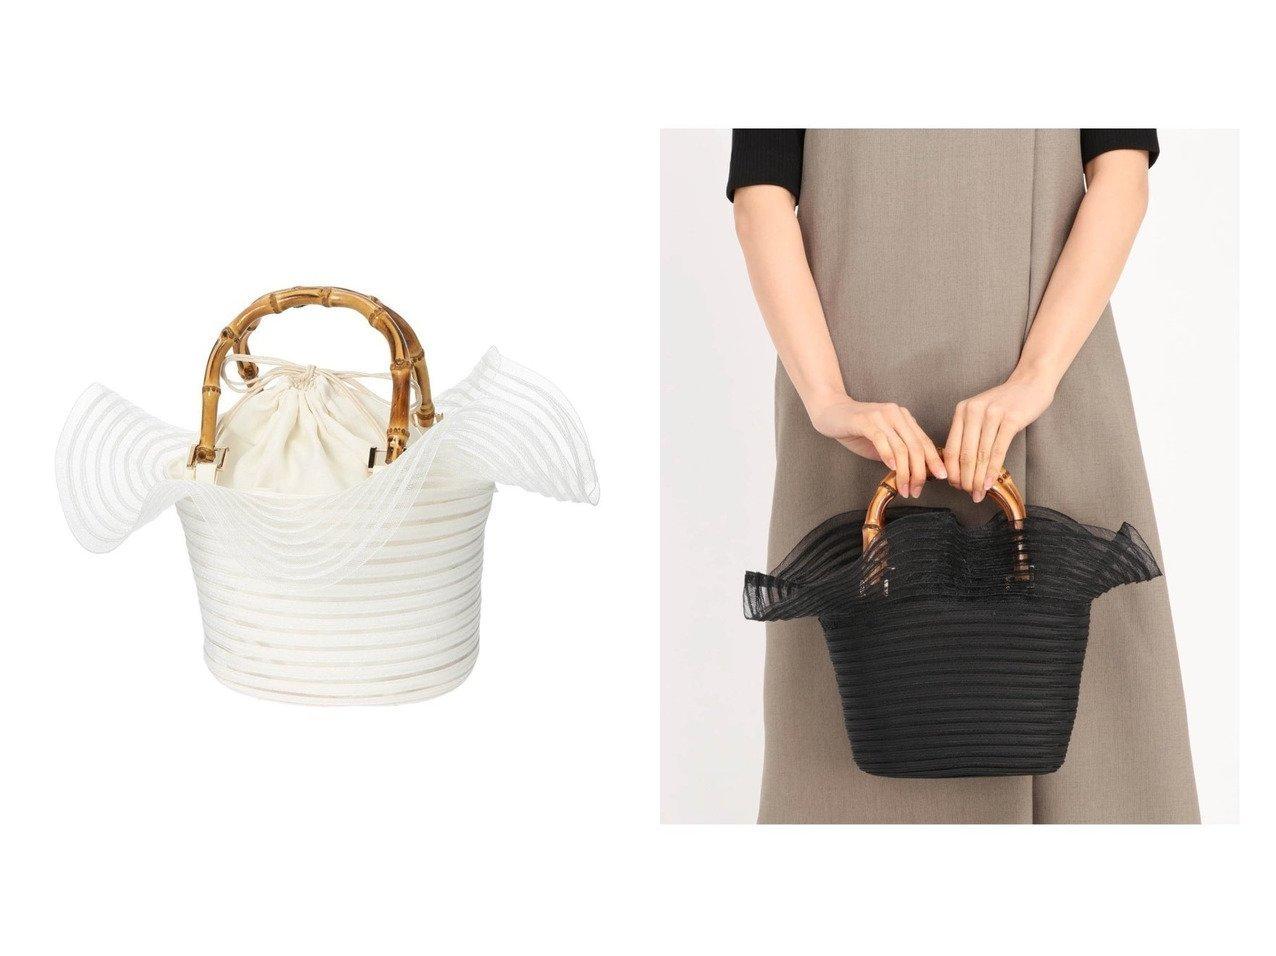 【STRAWBERRY FIELDS/ストロベリーフィールズ】のSTRAWBERRY-フリル バンブーバッグ おすすめ!人気、トレンド・レディースファッションの通販 おすすめで人気の流行・トレンド、ファッションの通販商品 インテリア・家具・メンズファッション・キッズファッション・レディースファッション・服の通販 founy(ファニー) https://founy.com/ ファッション Fashion レディースファッション WOMEN バッグ Bag ハンドバッグ バランス バンブー フリル 夏 Summer 巾着 |ID:crp329100000061999